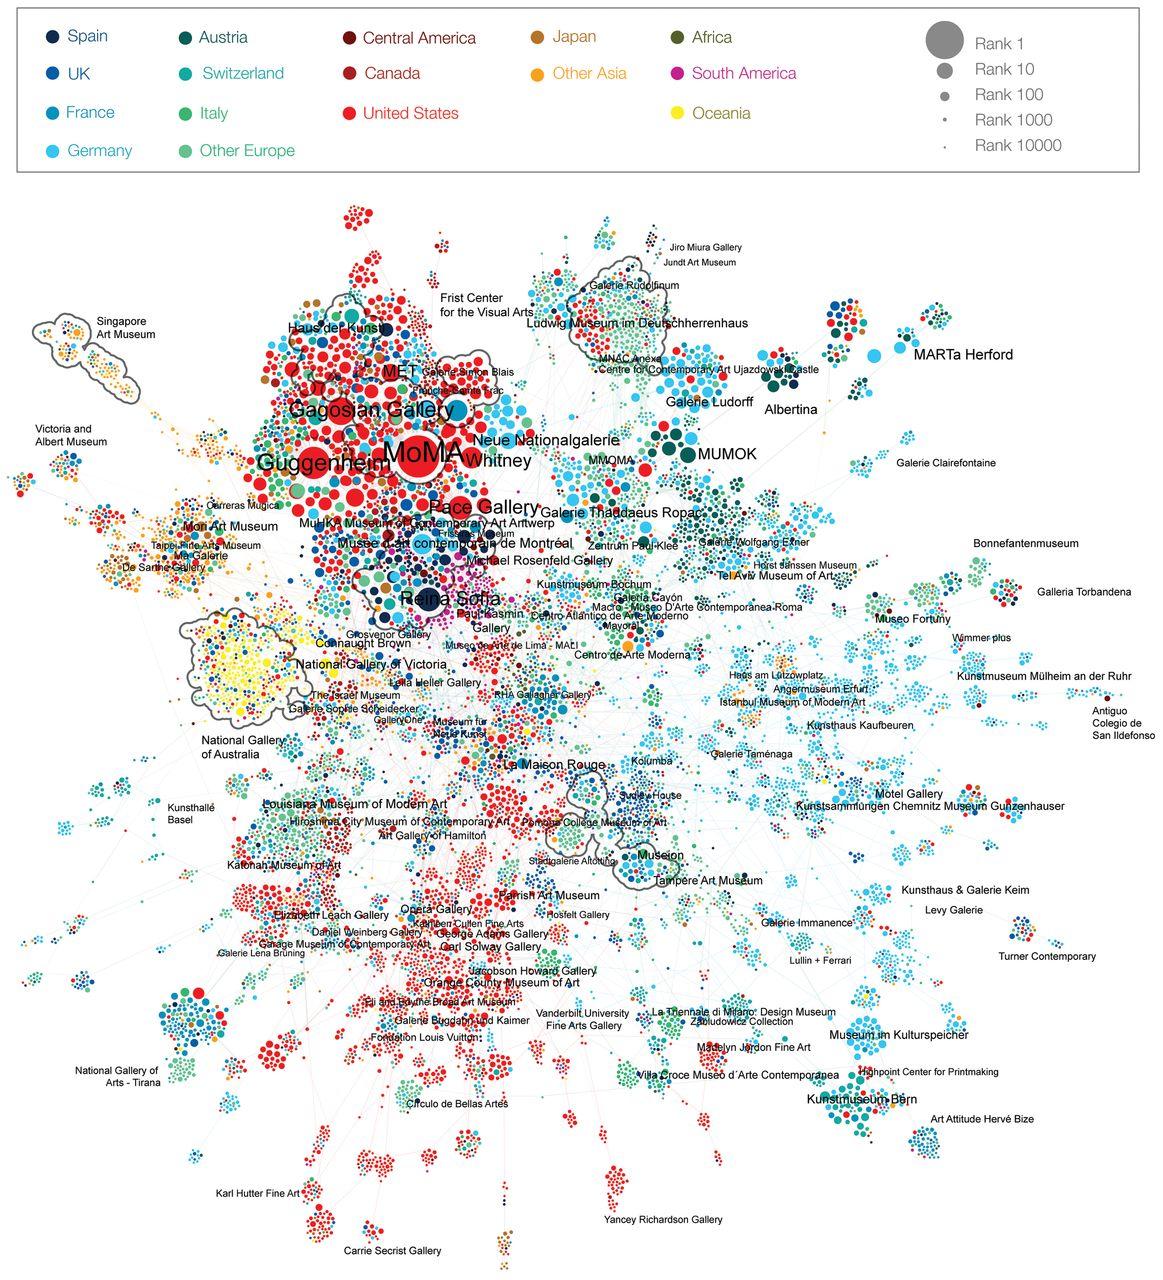 Coexhibition network